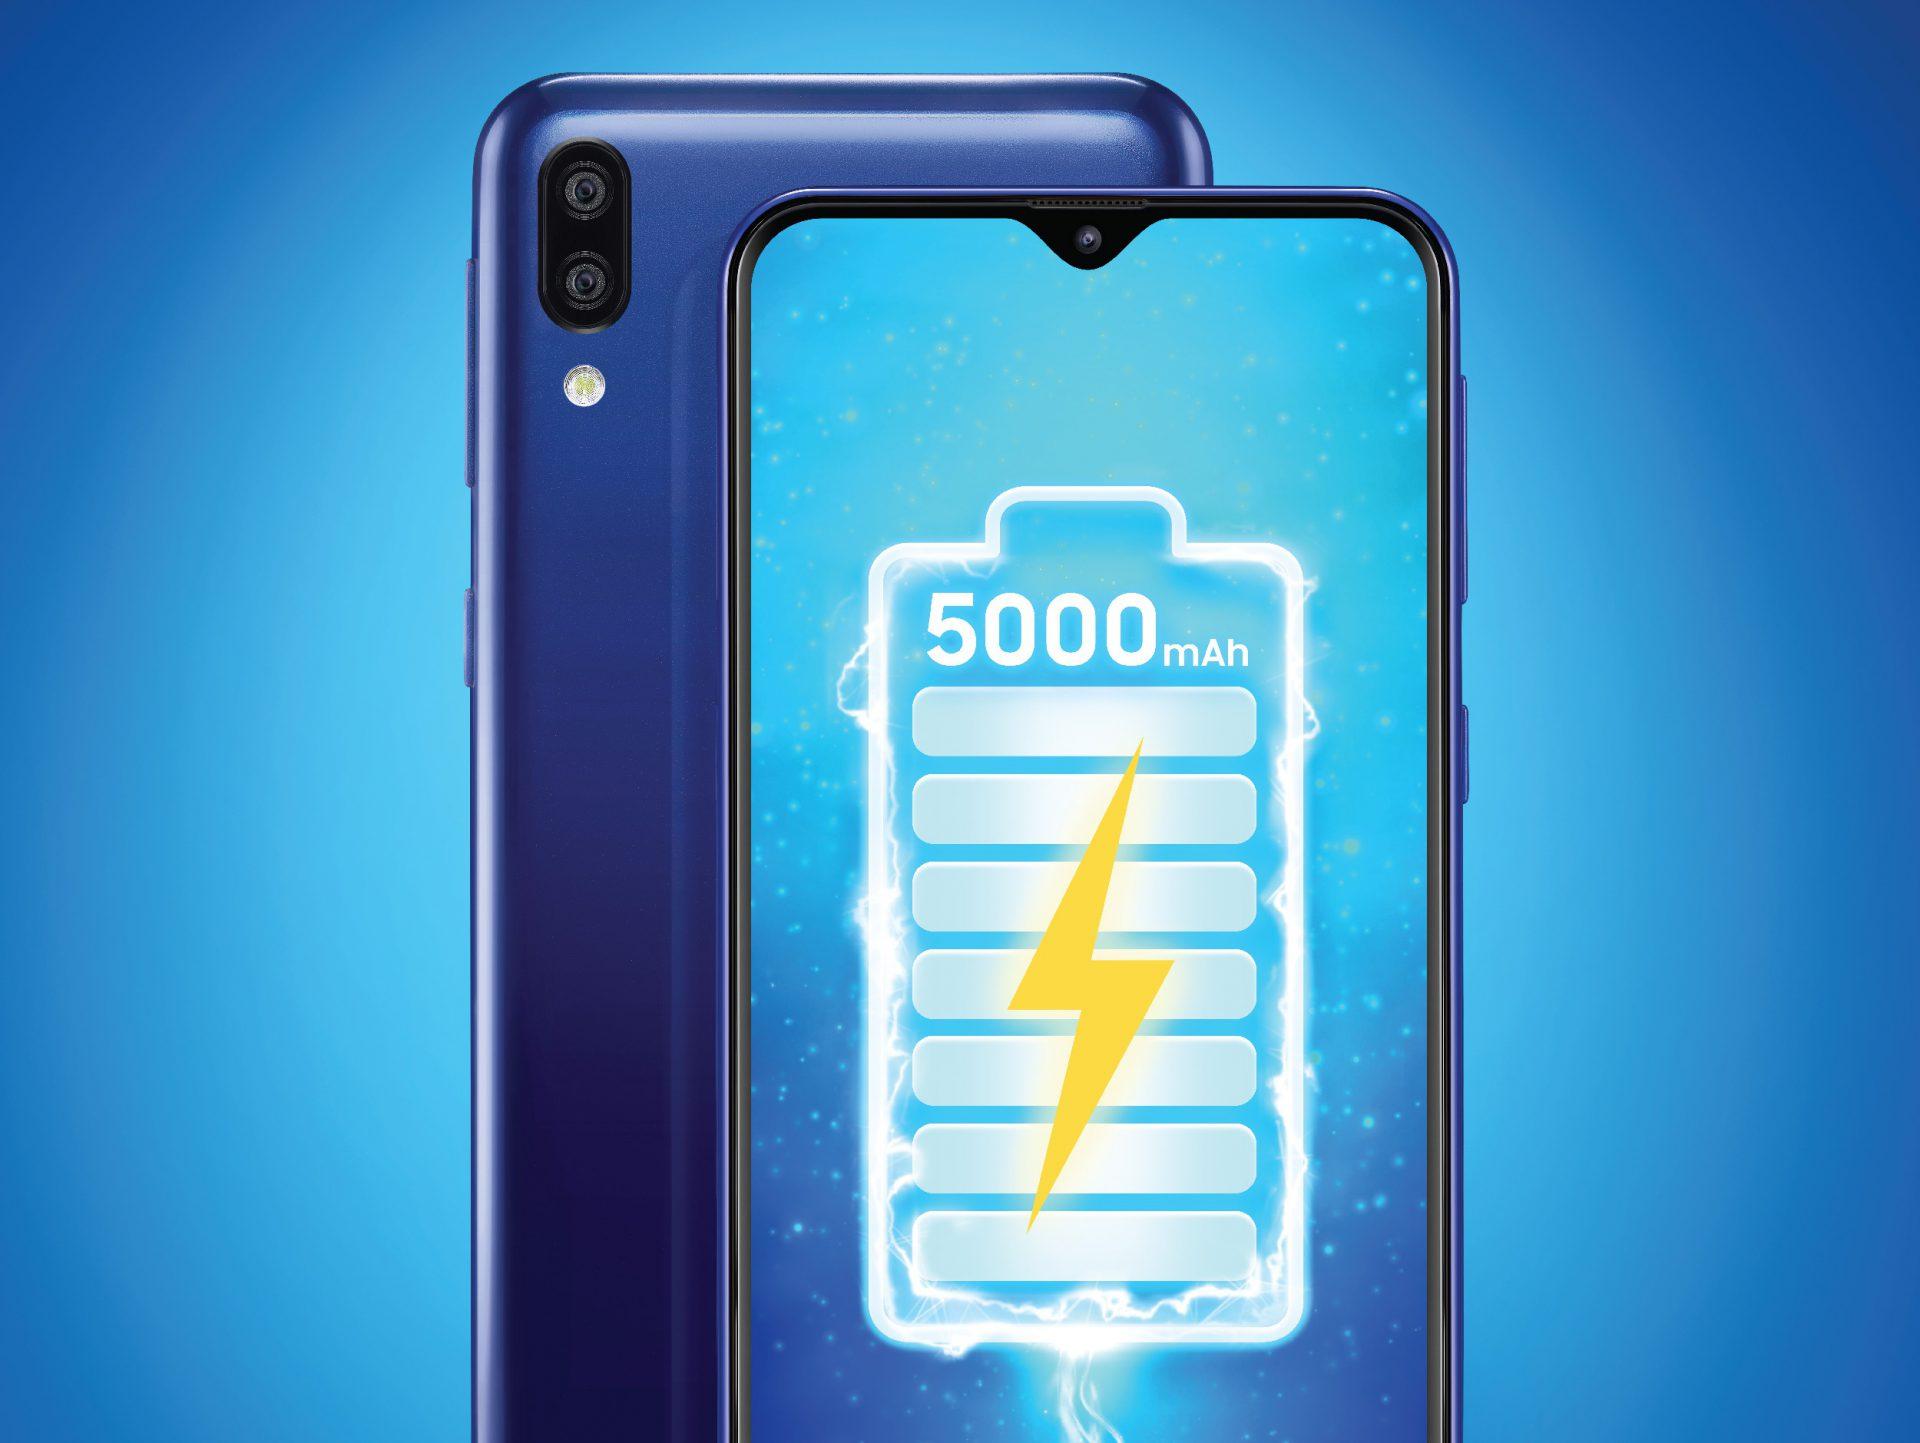 Galaxy M20 chính thức trình làng: ấn tượng với pin khủng 5000 mAh, sạc nhanh tức thì cùng camera góc siêu rộng 120 độ, giá chỉ 4,9 triệu đồng